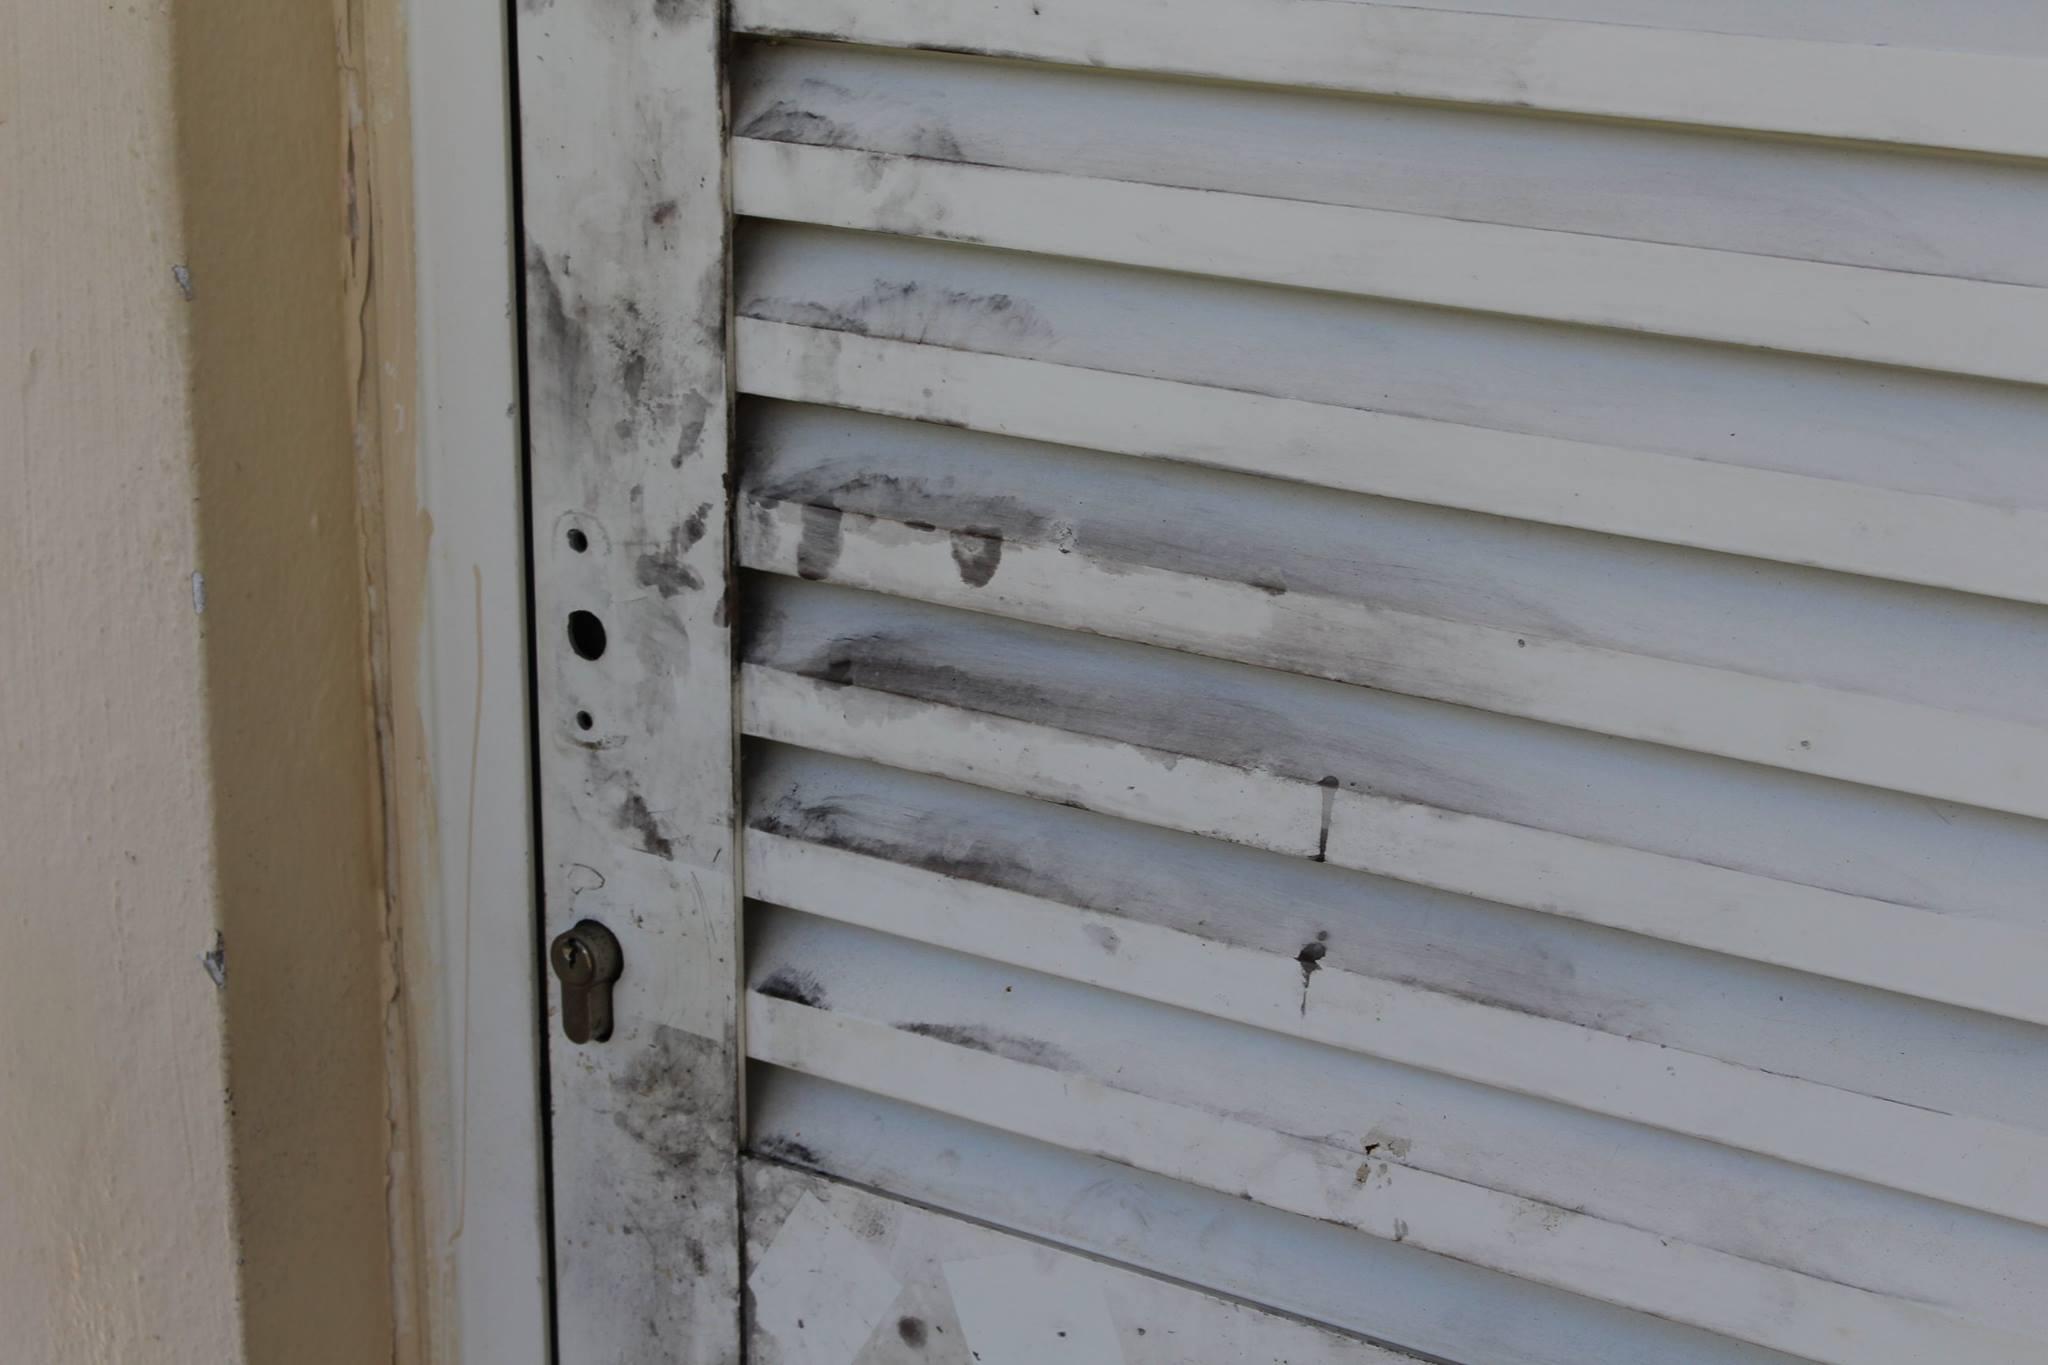 La porte du local où a été stocké le goûter des élèves, a été forcée